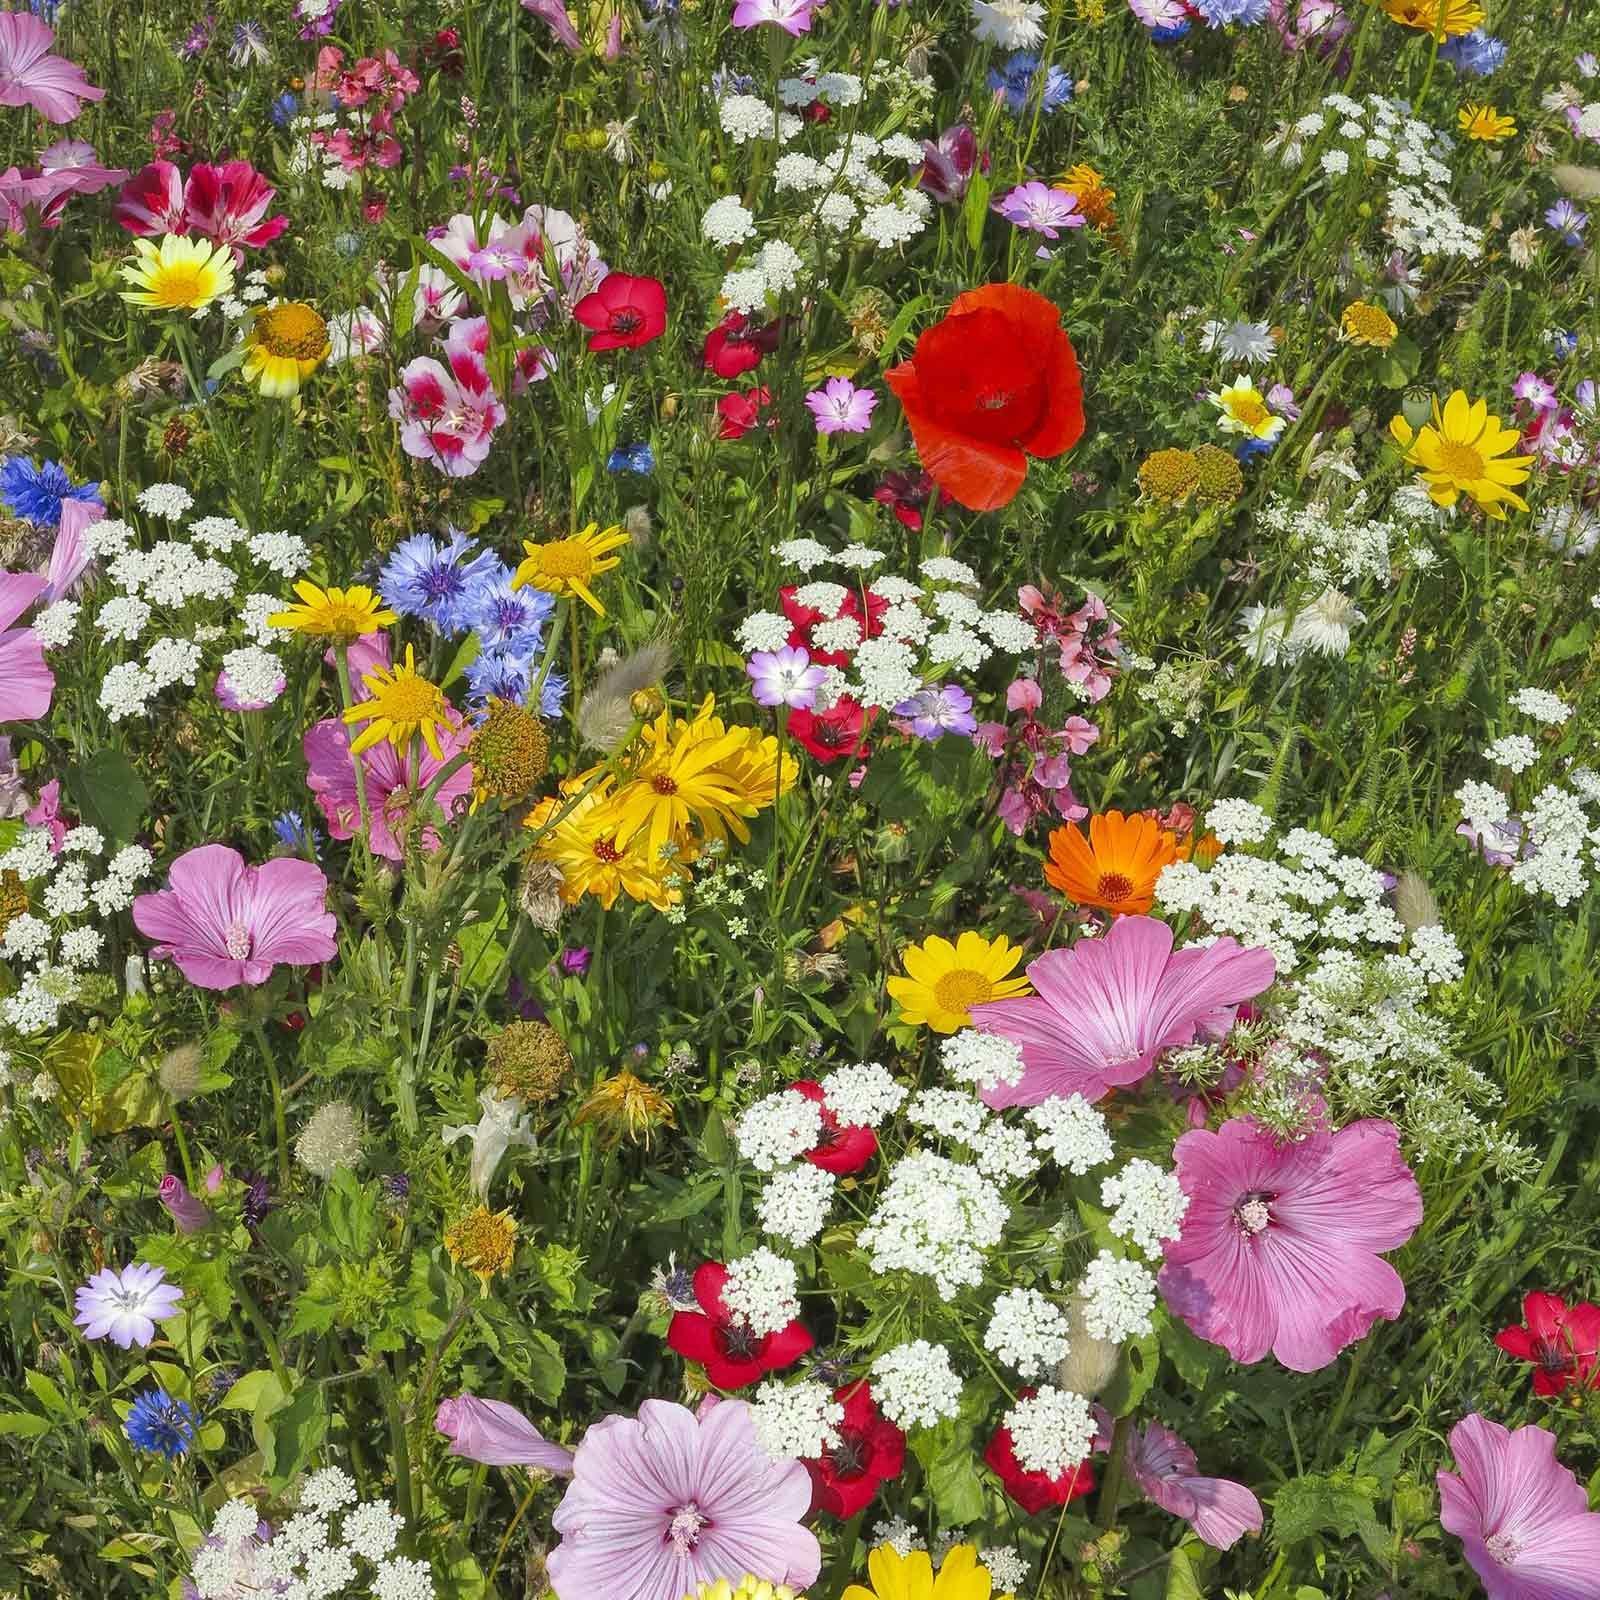 Hummingbird & Butterfly Wildflower Seed Mix - 1 Lb - Wild Flower Seed Mixture: Alyssum, Lemon Mint, Foxglove, More